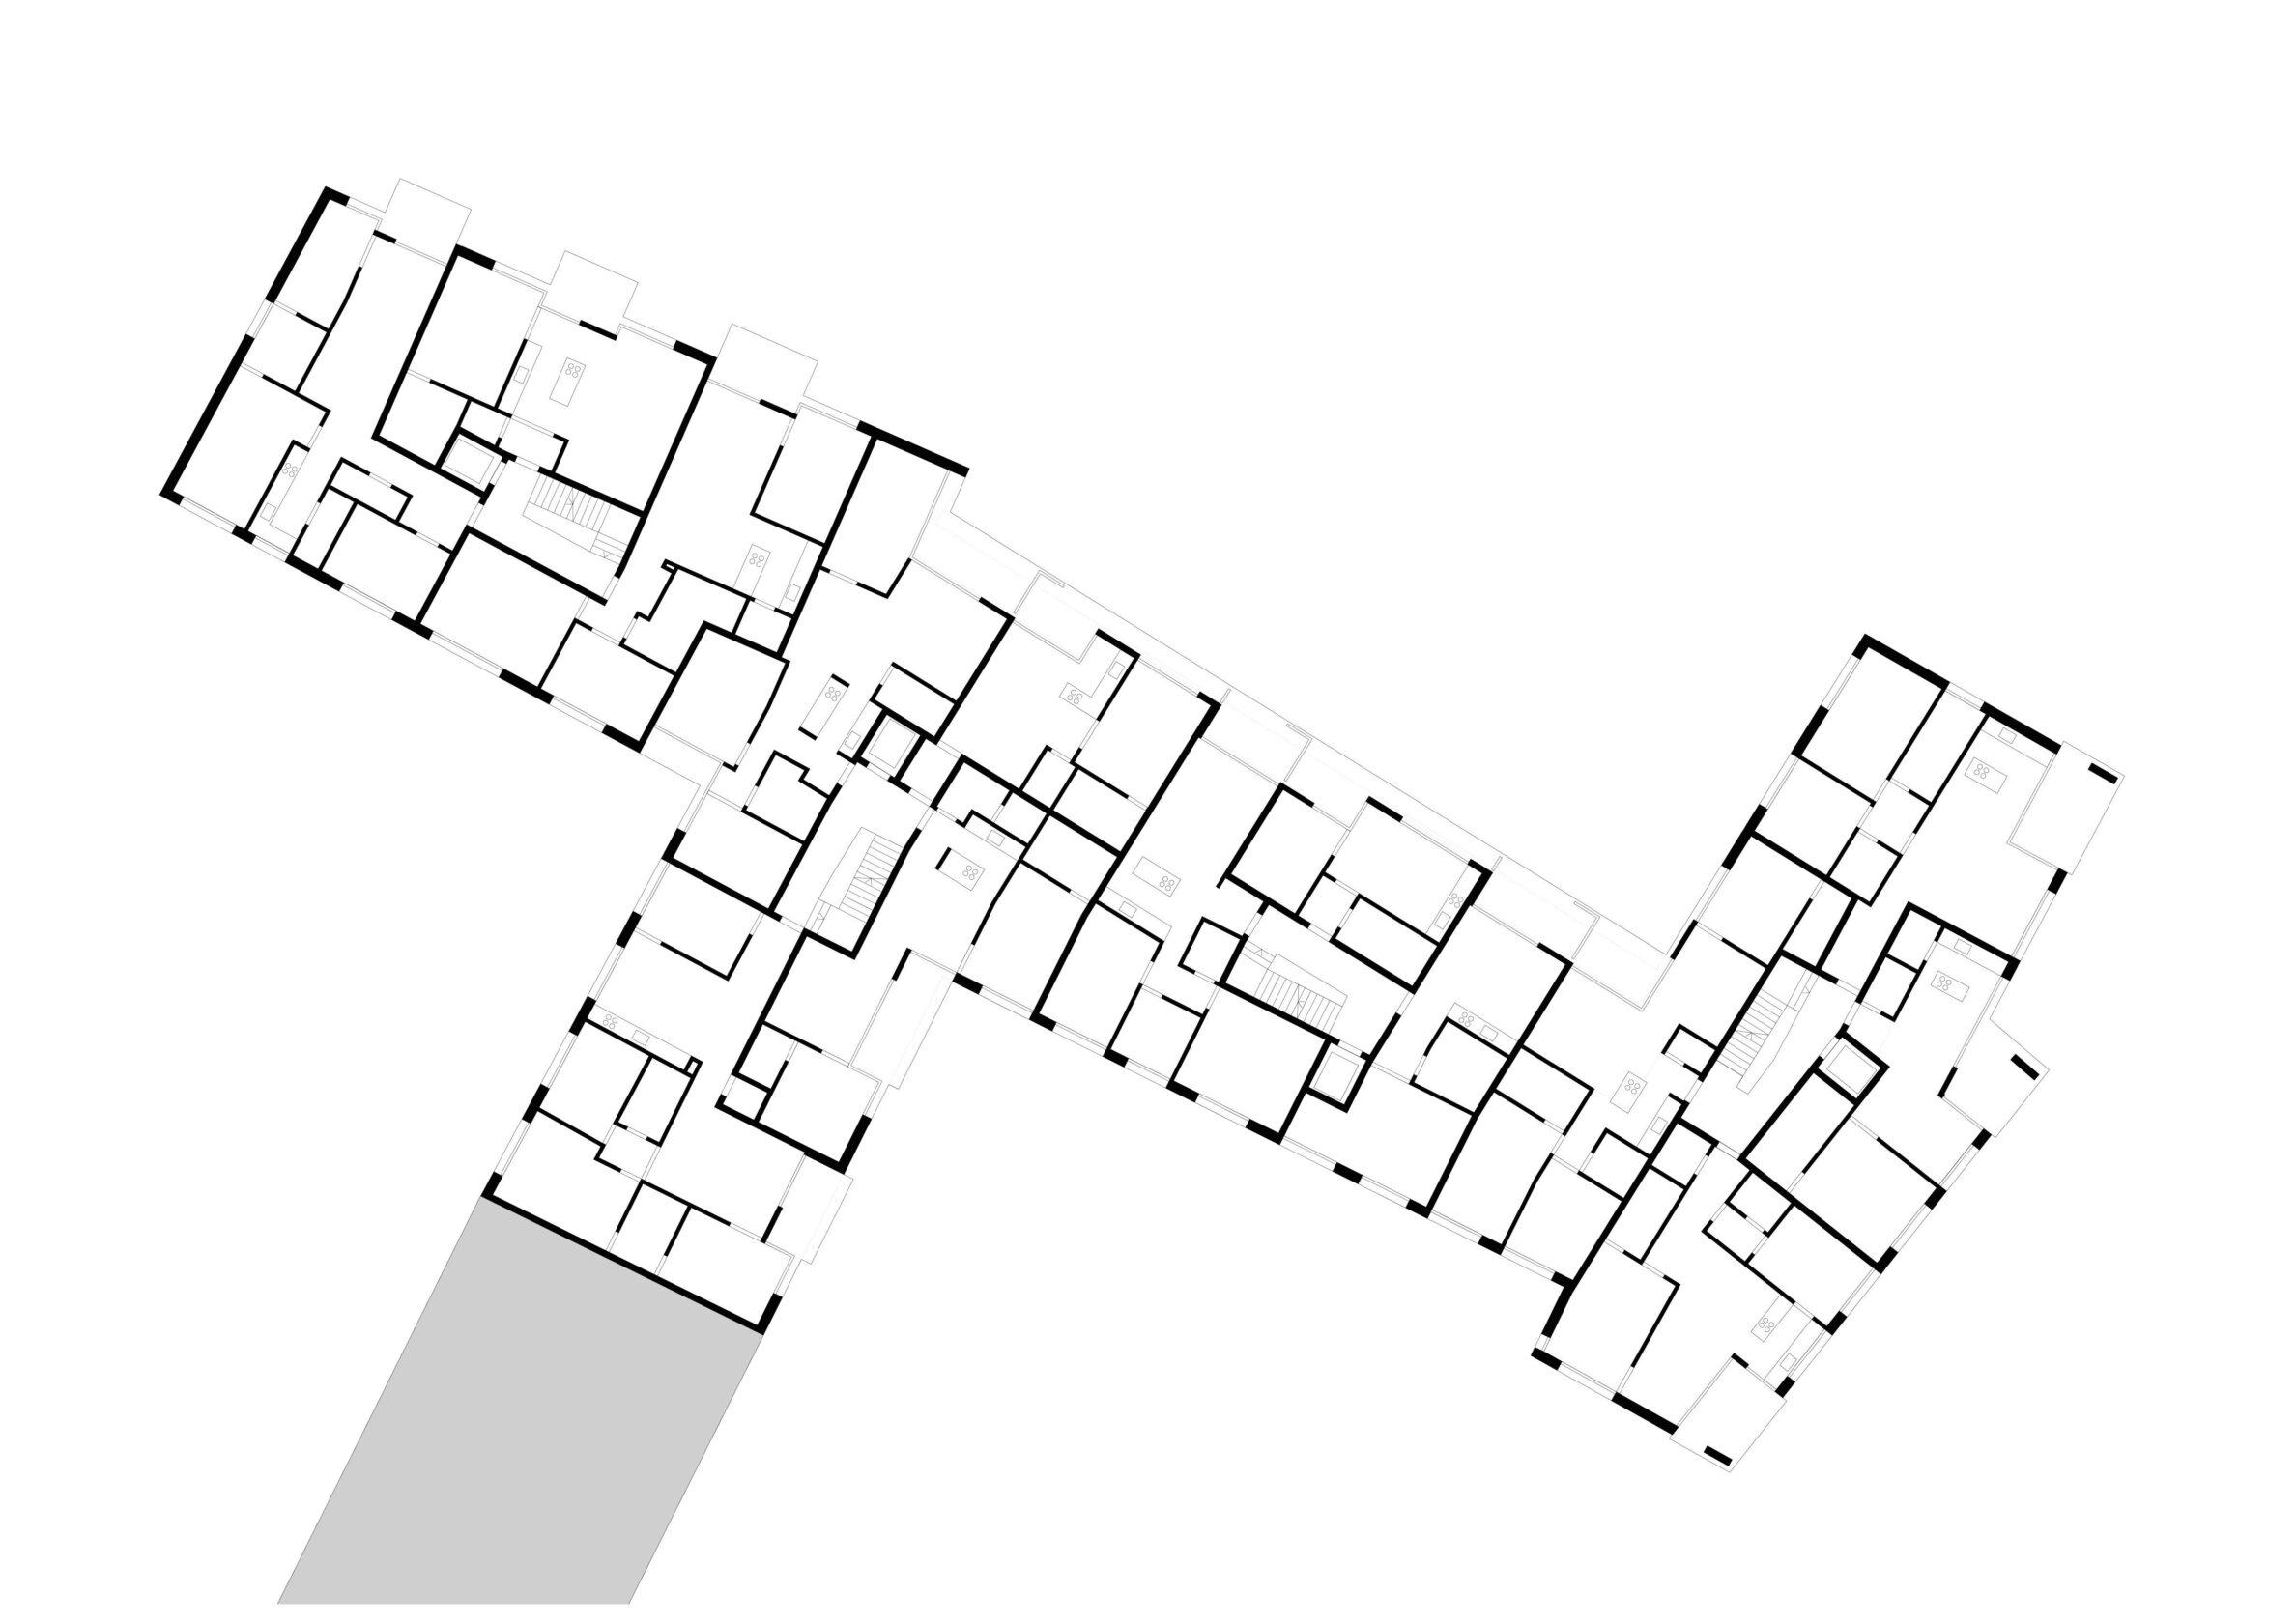 Paulaner Regerstraße Architekturwettbewerb dreisterneplus Meili Peter München Städtebau Wohnungsbau